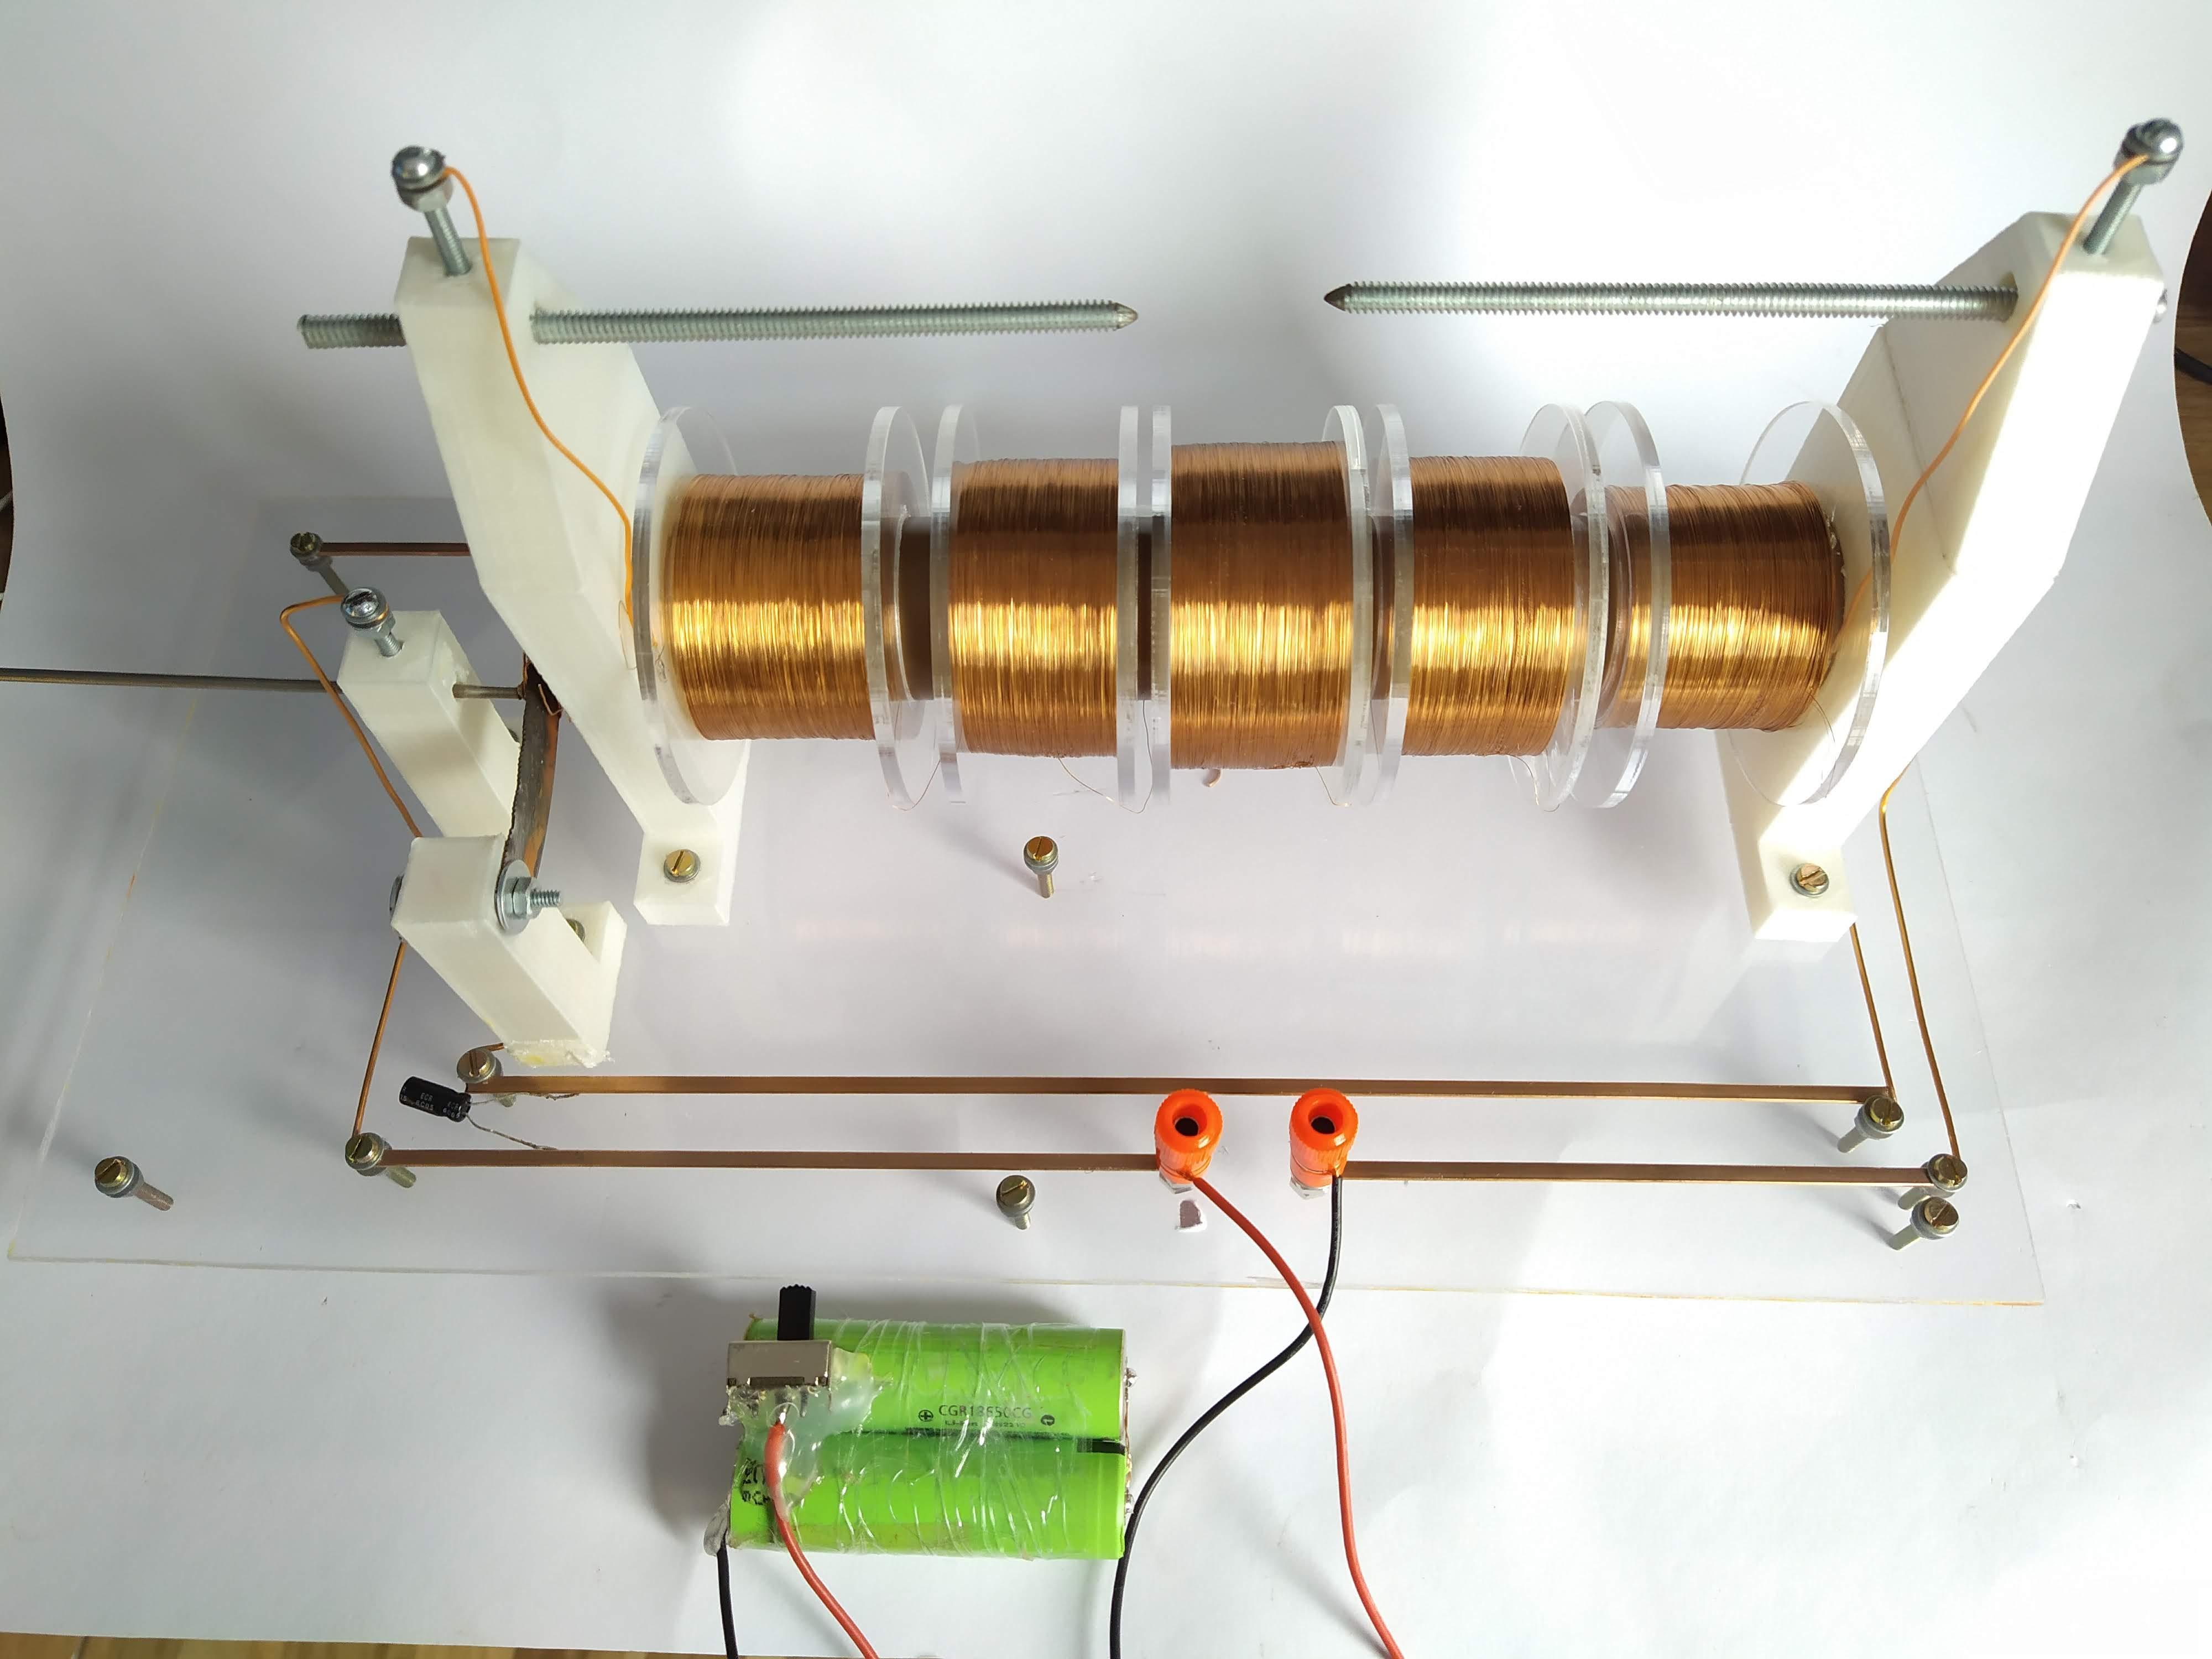 bobina de indução Ruhmkorff construída em casa